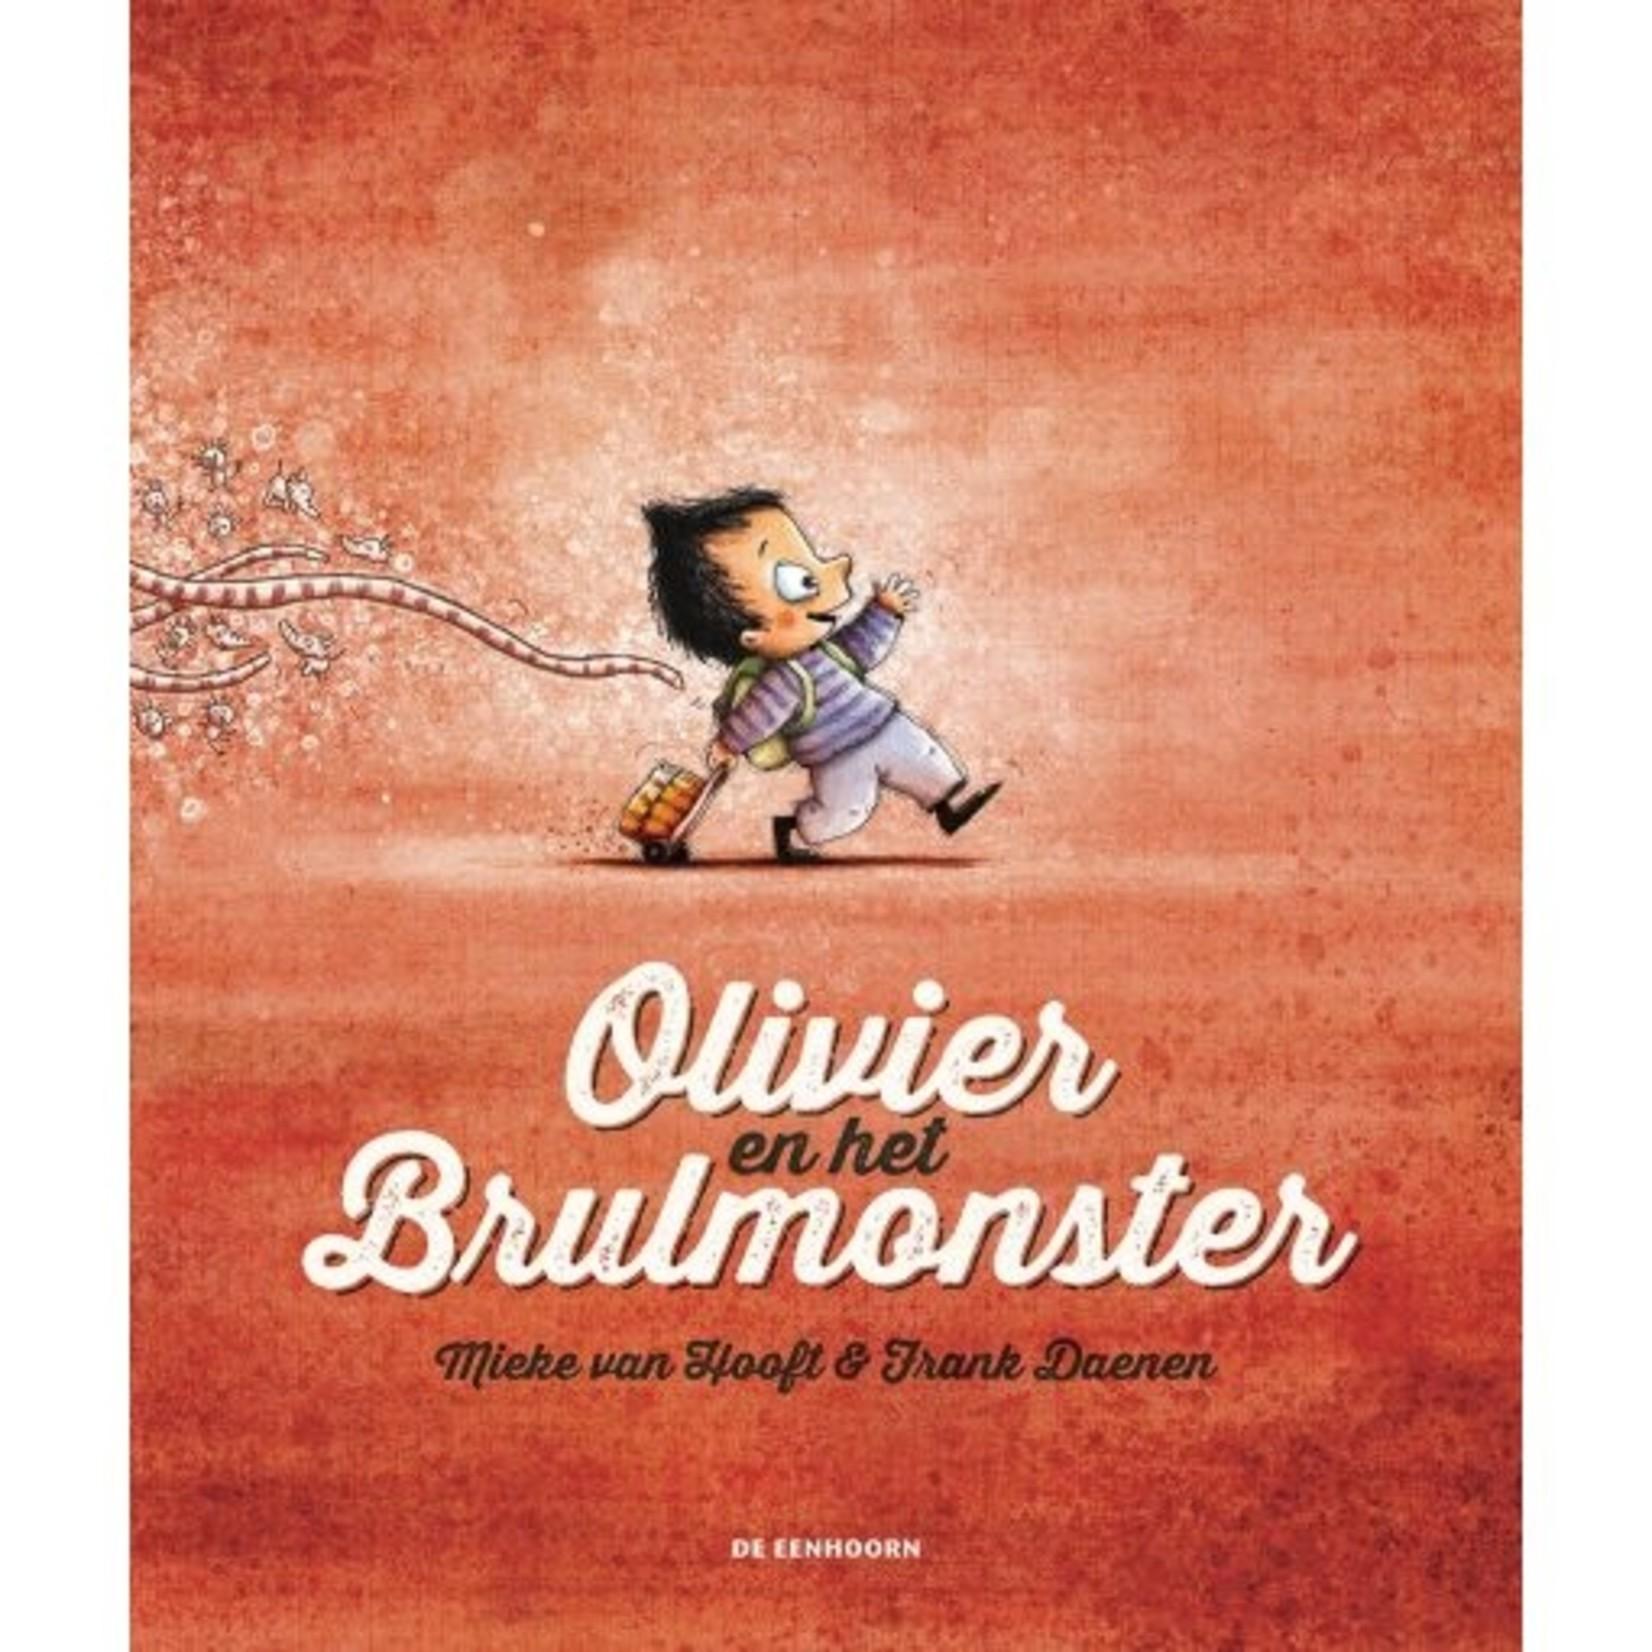 de eenhoorn Olivier en het brulmonster Mieke van Hoof & Frank Daenen